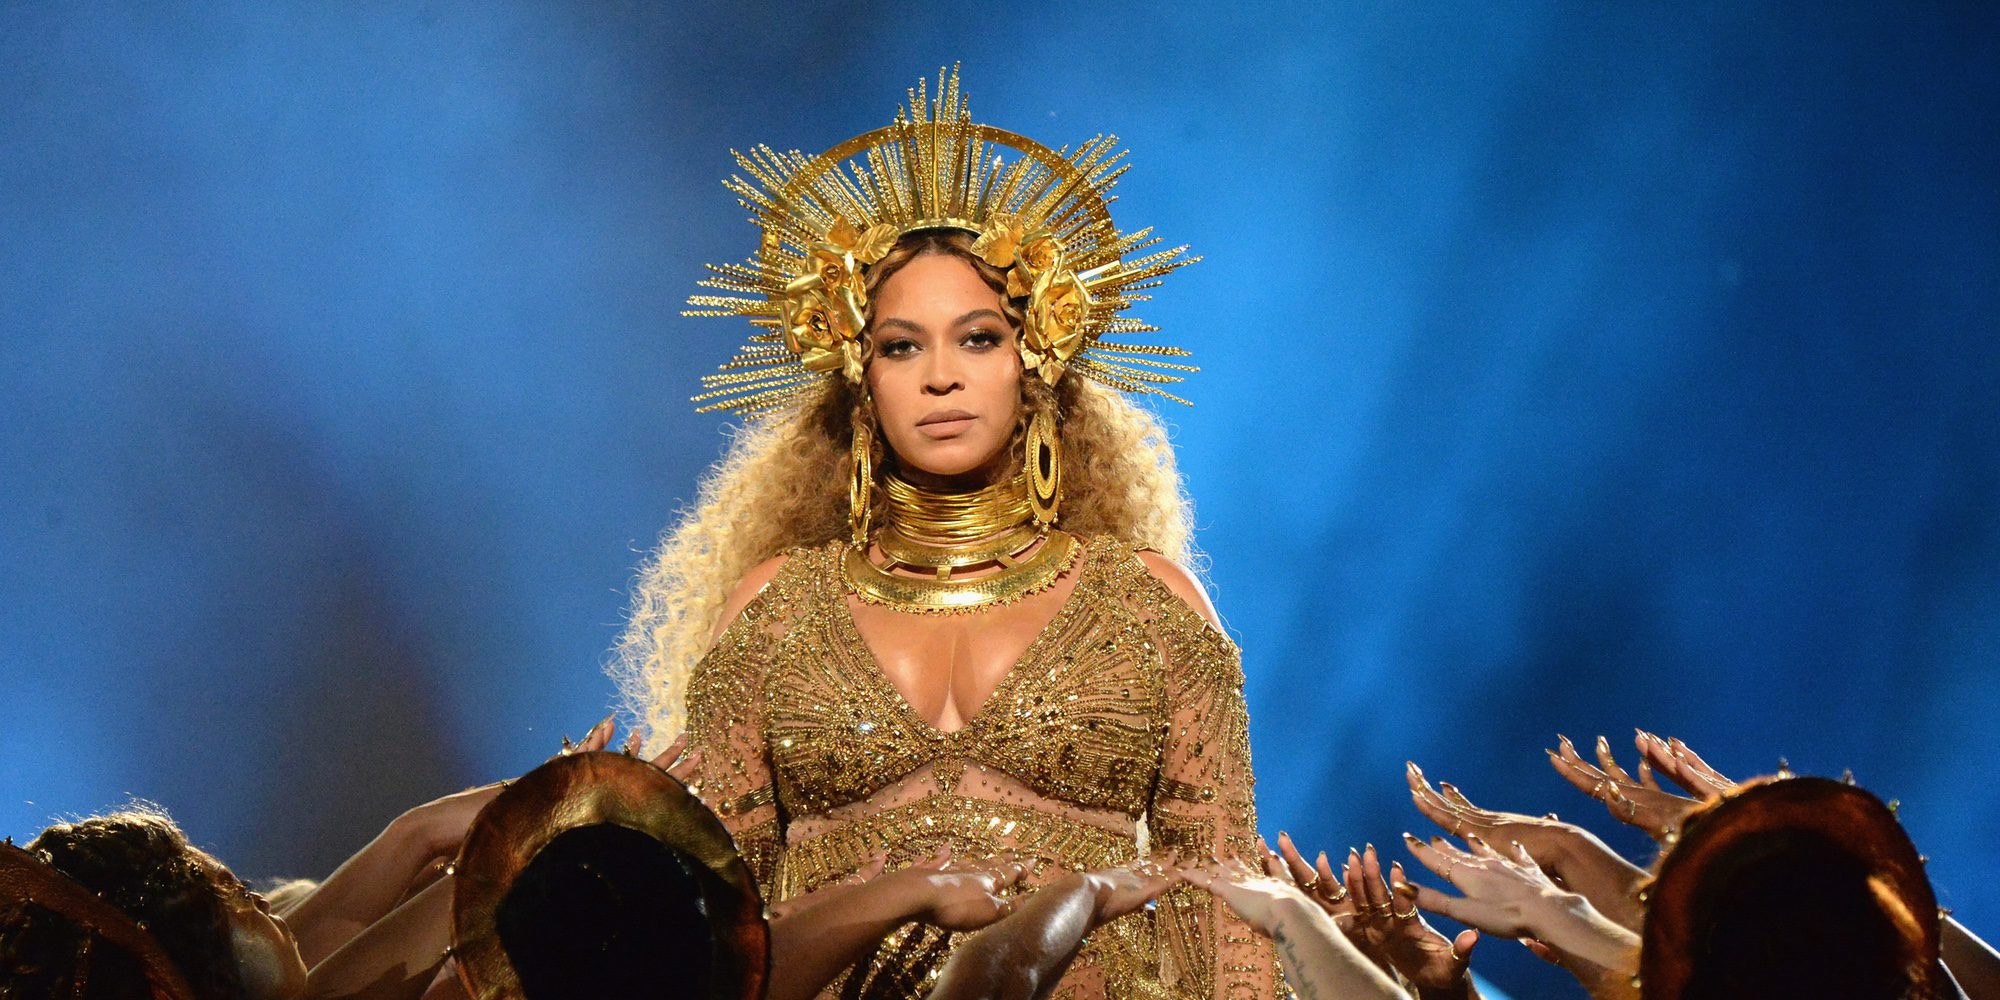 Beyoncé quita el puesto Nº1 a Taylor Swift en la lista Forbes de artistas mejor pagadas del año